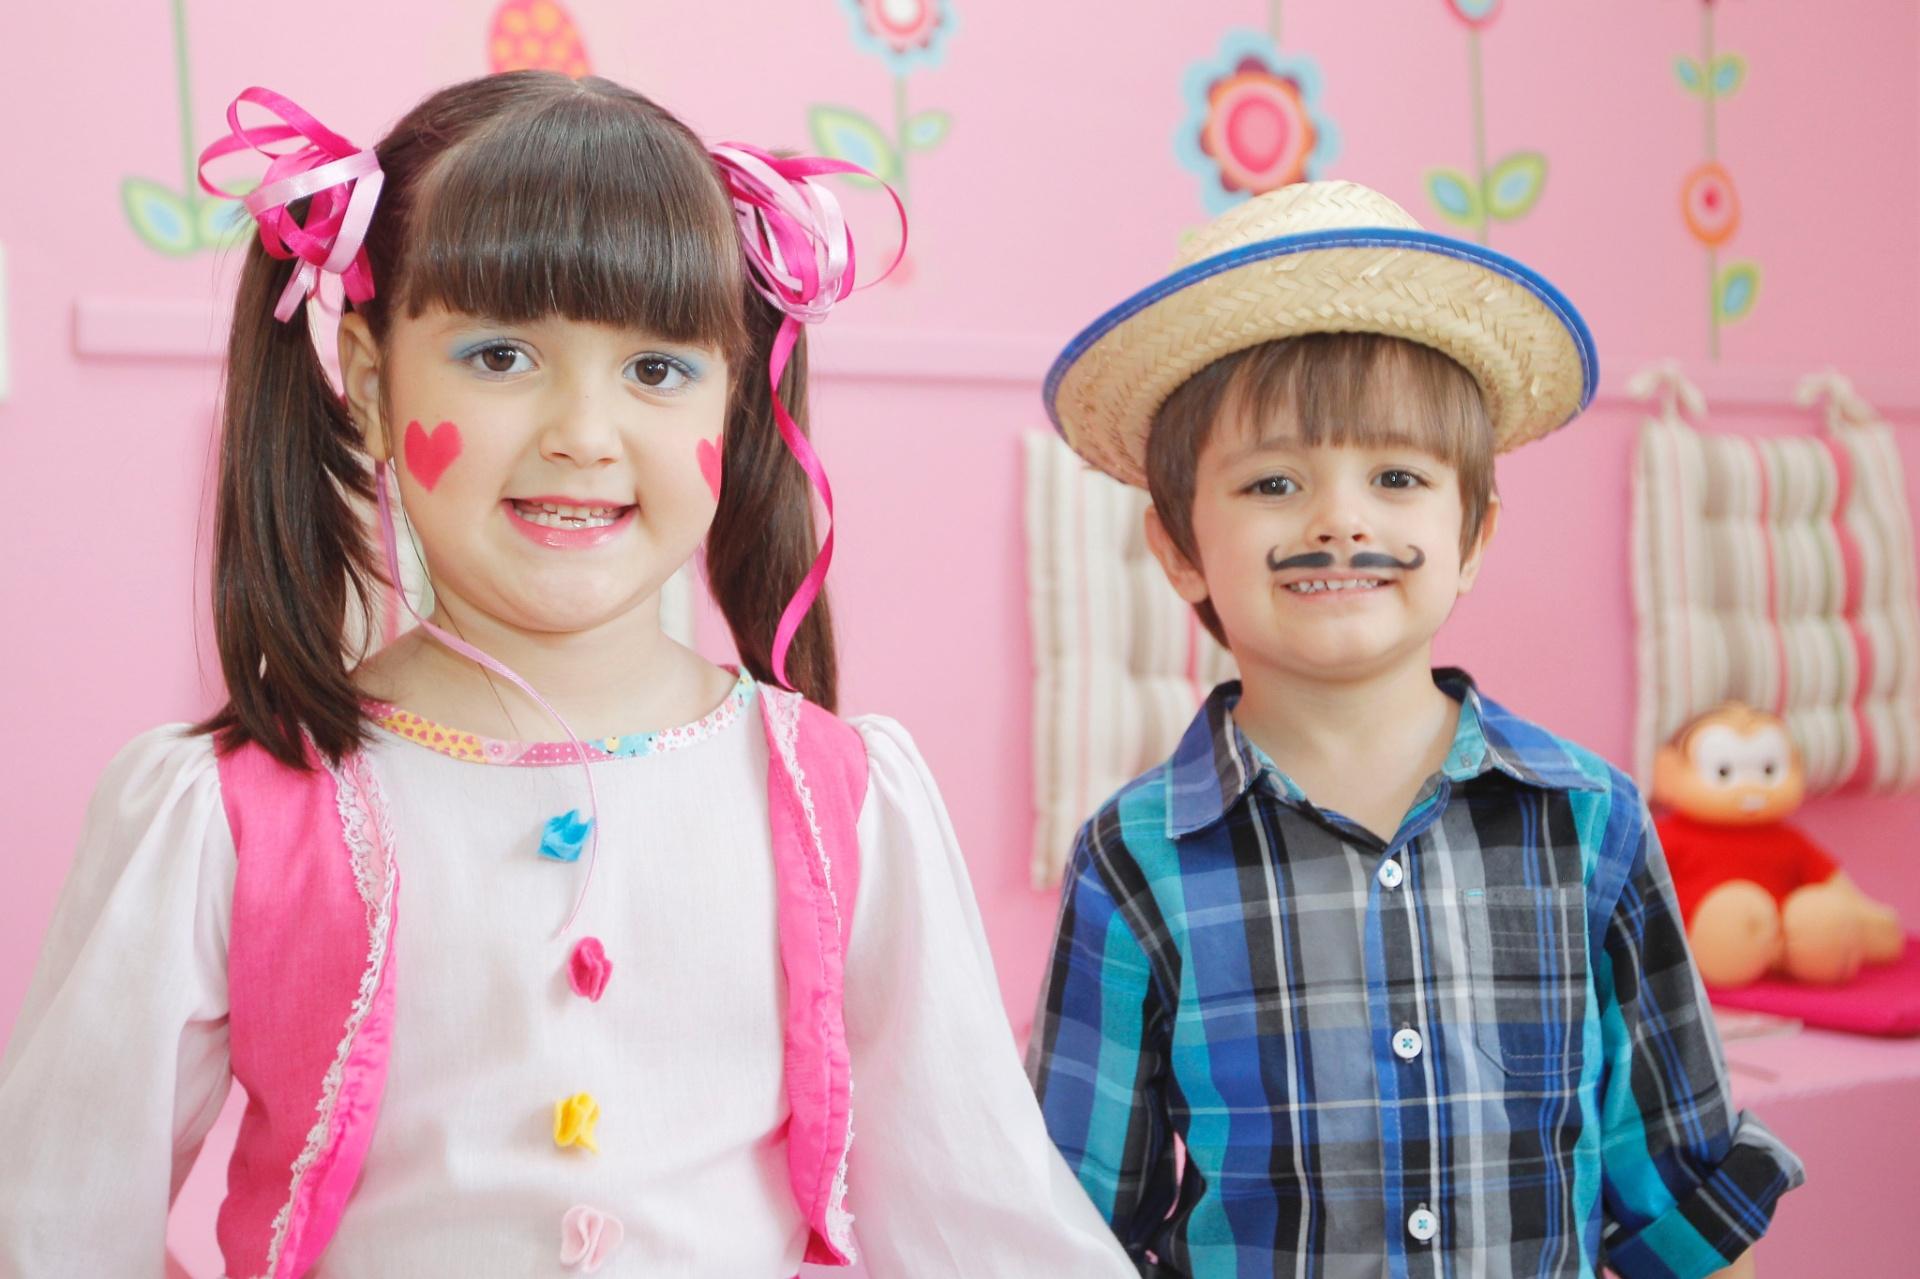 b6e124f2d Caipira descolado  aprenda maquiar meninas e meninos para as festas juninas